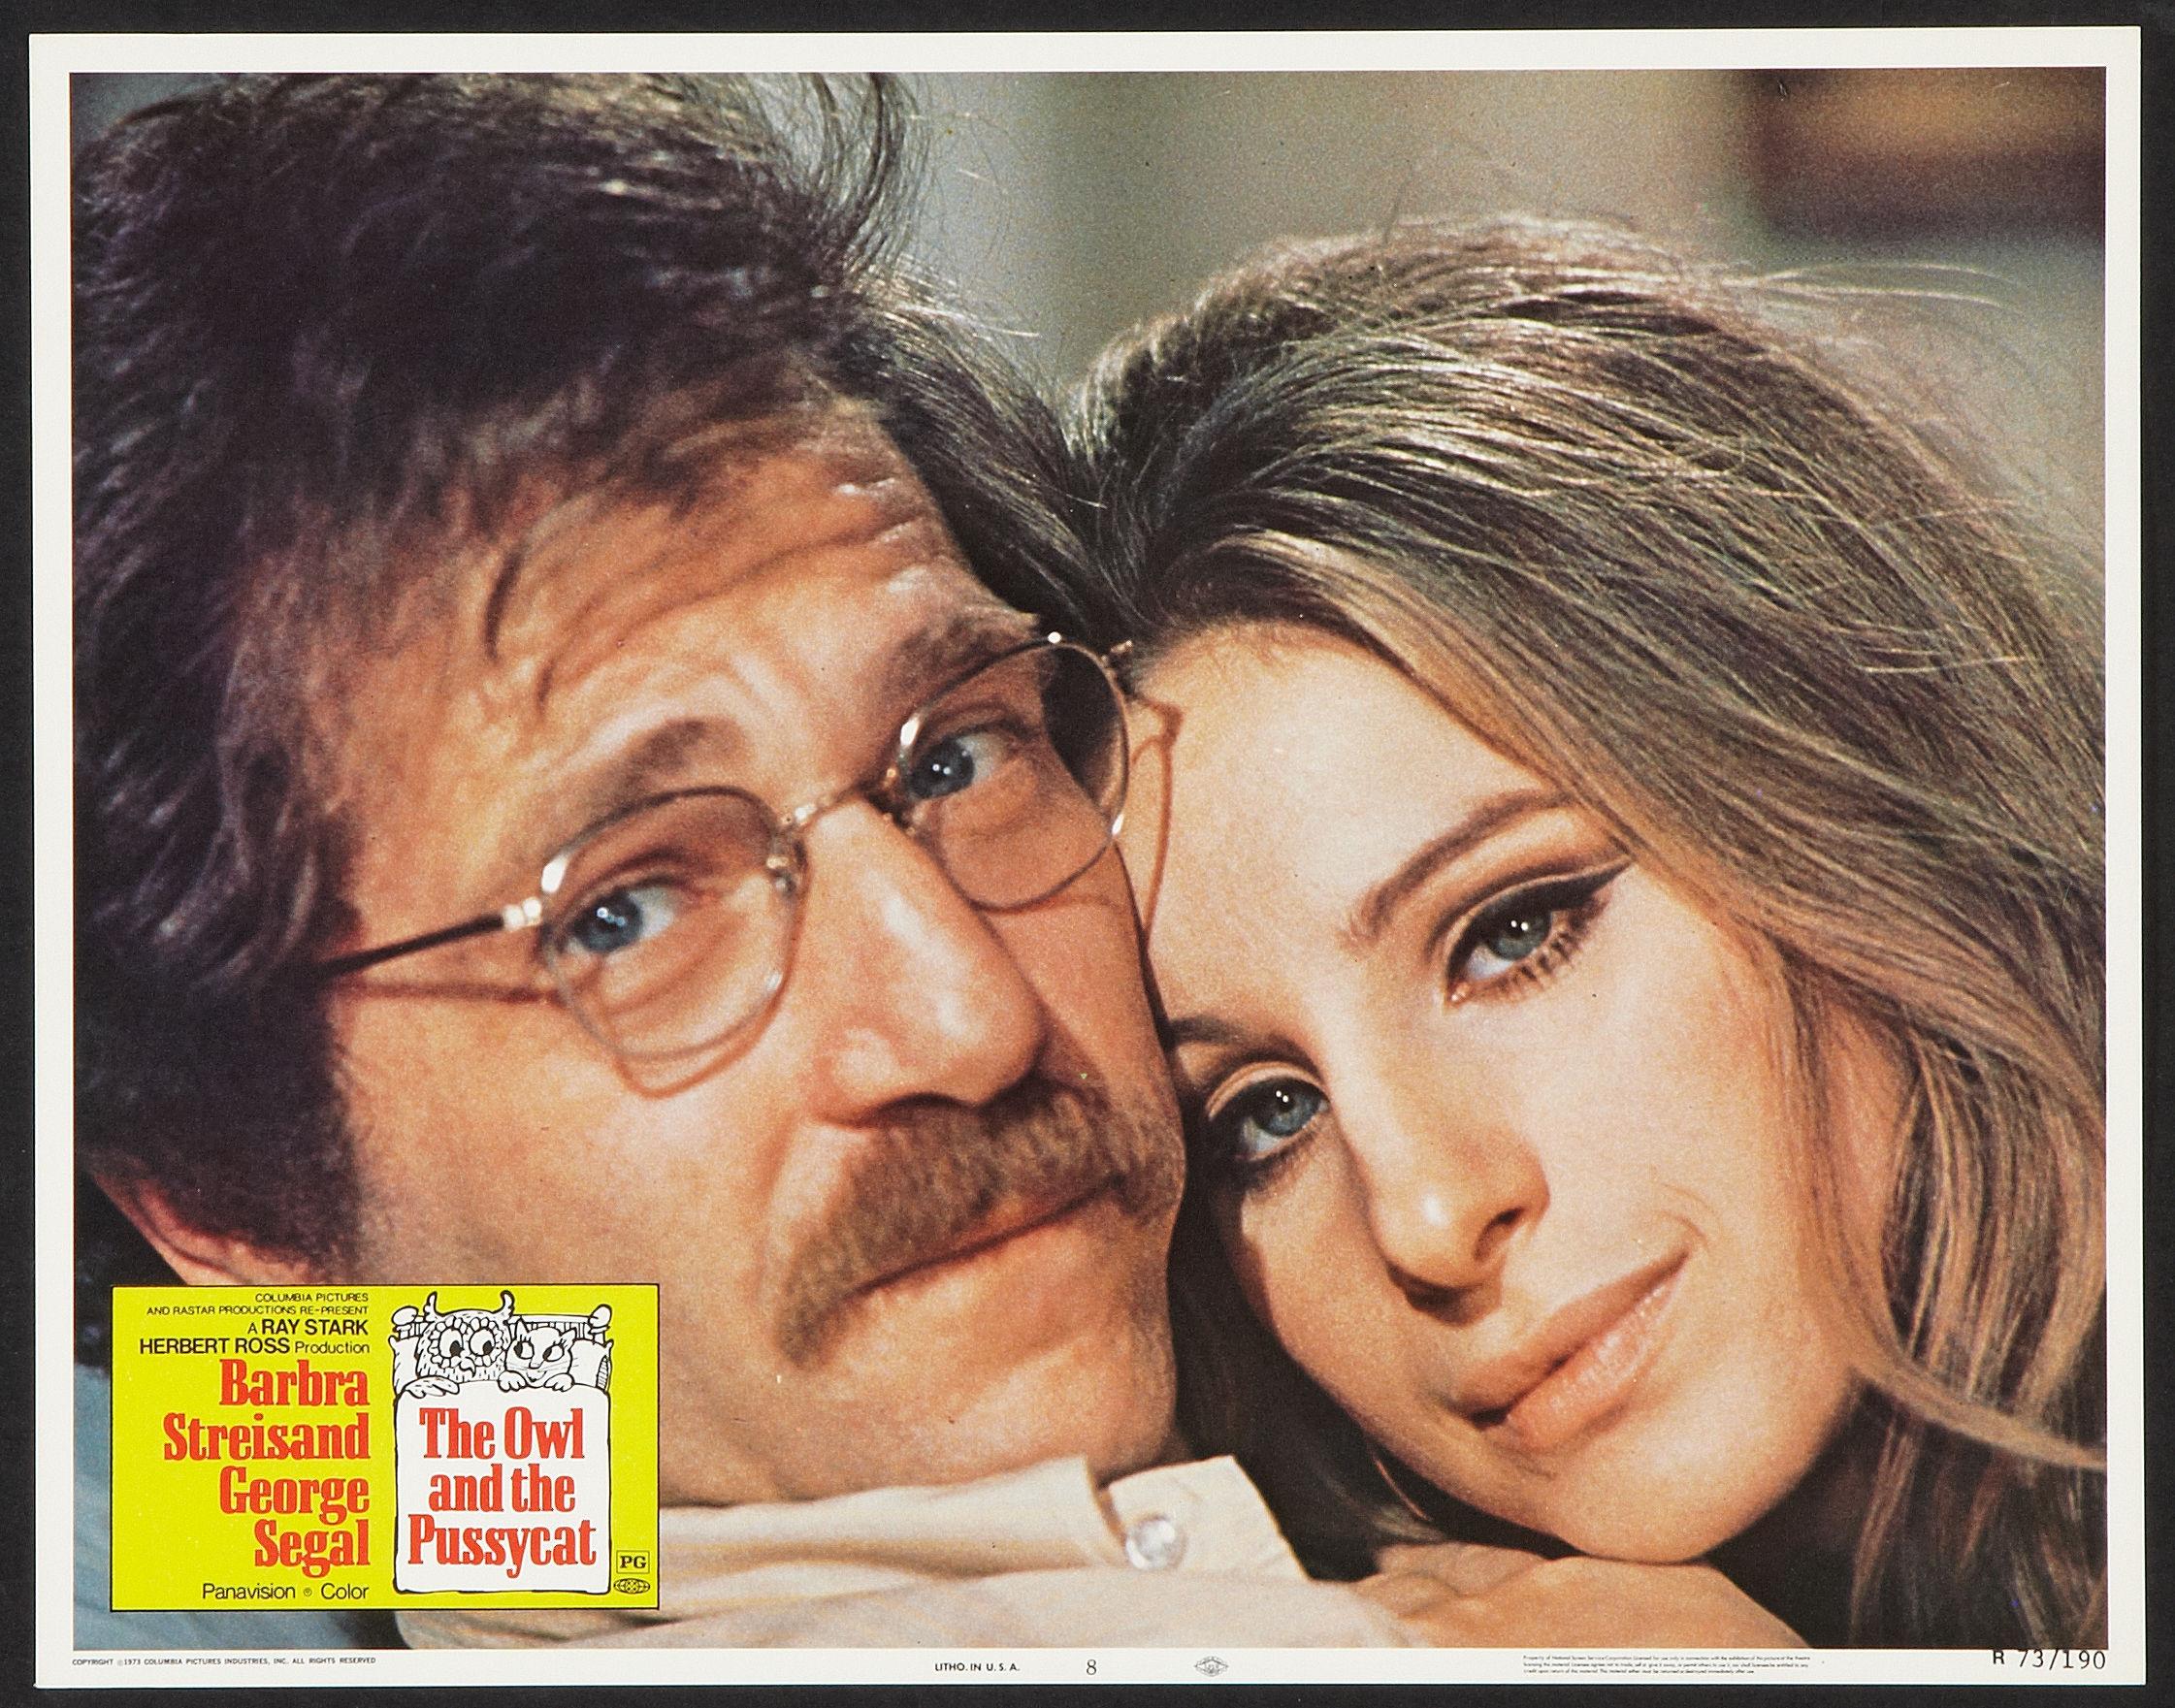 Una Pagina De Cine 1970 The Owl And The Pussycat La